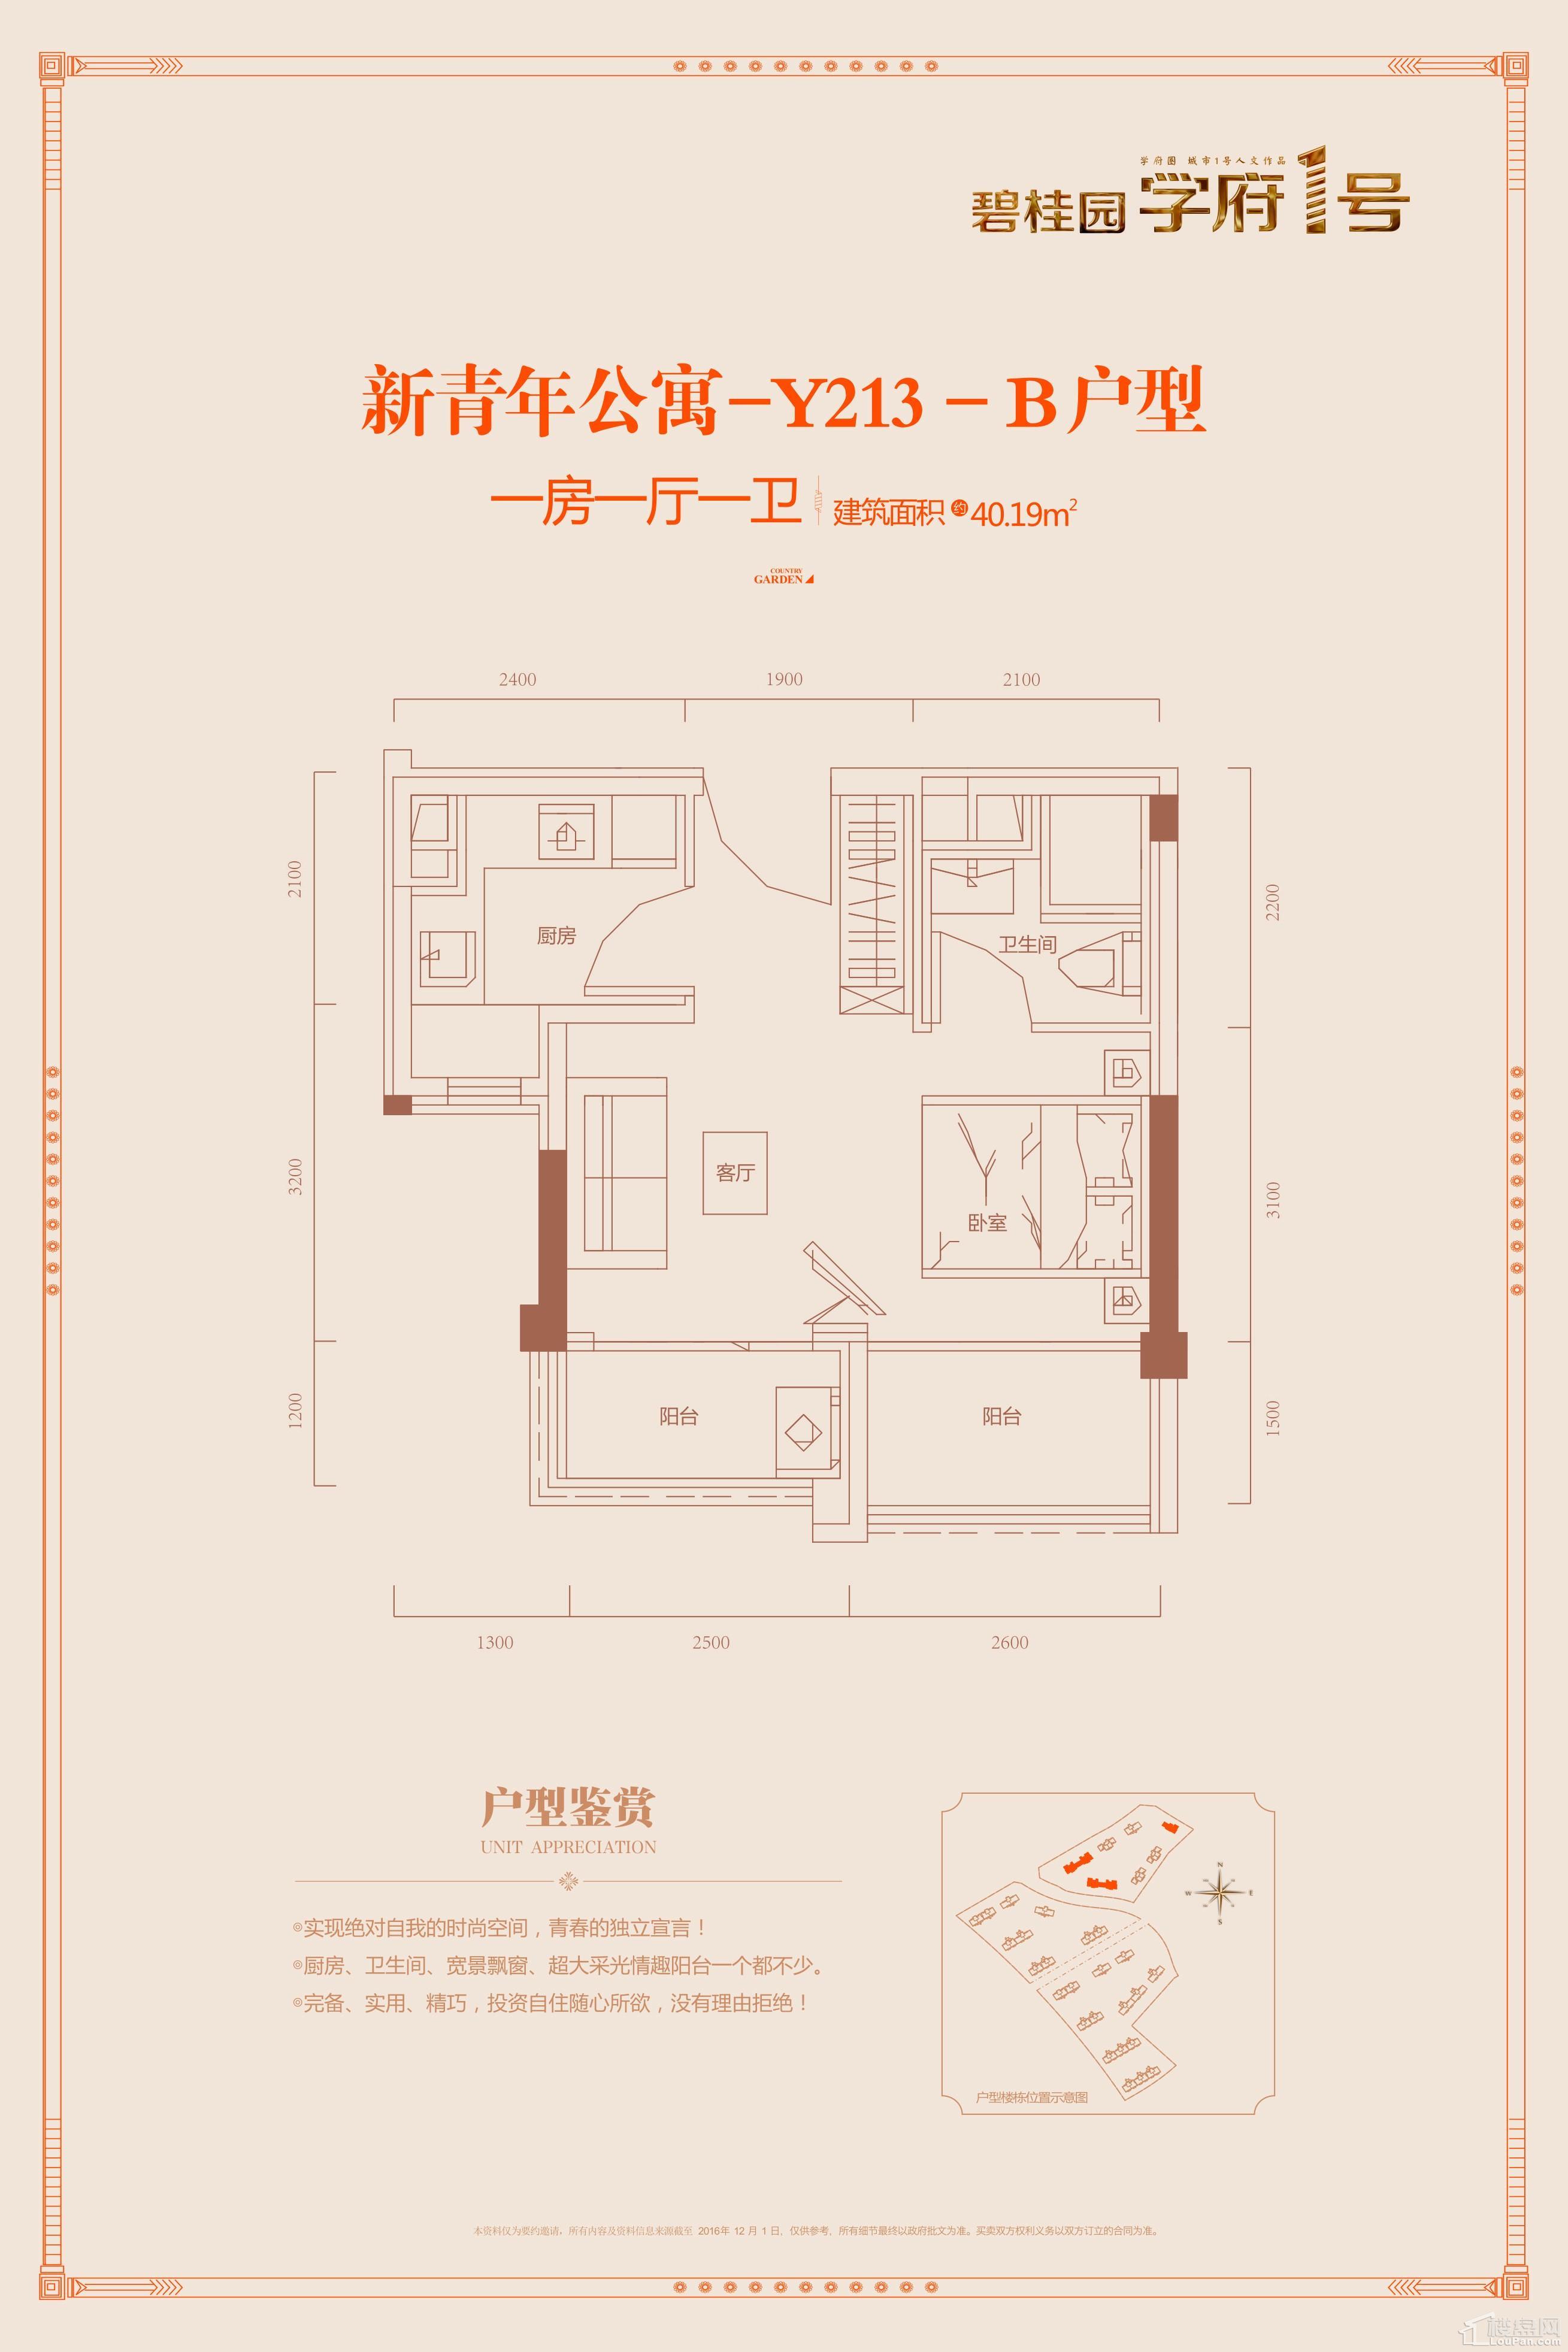 新青年公寓-Y213-B户型